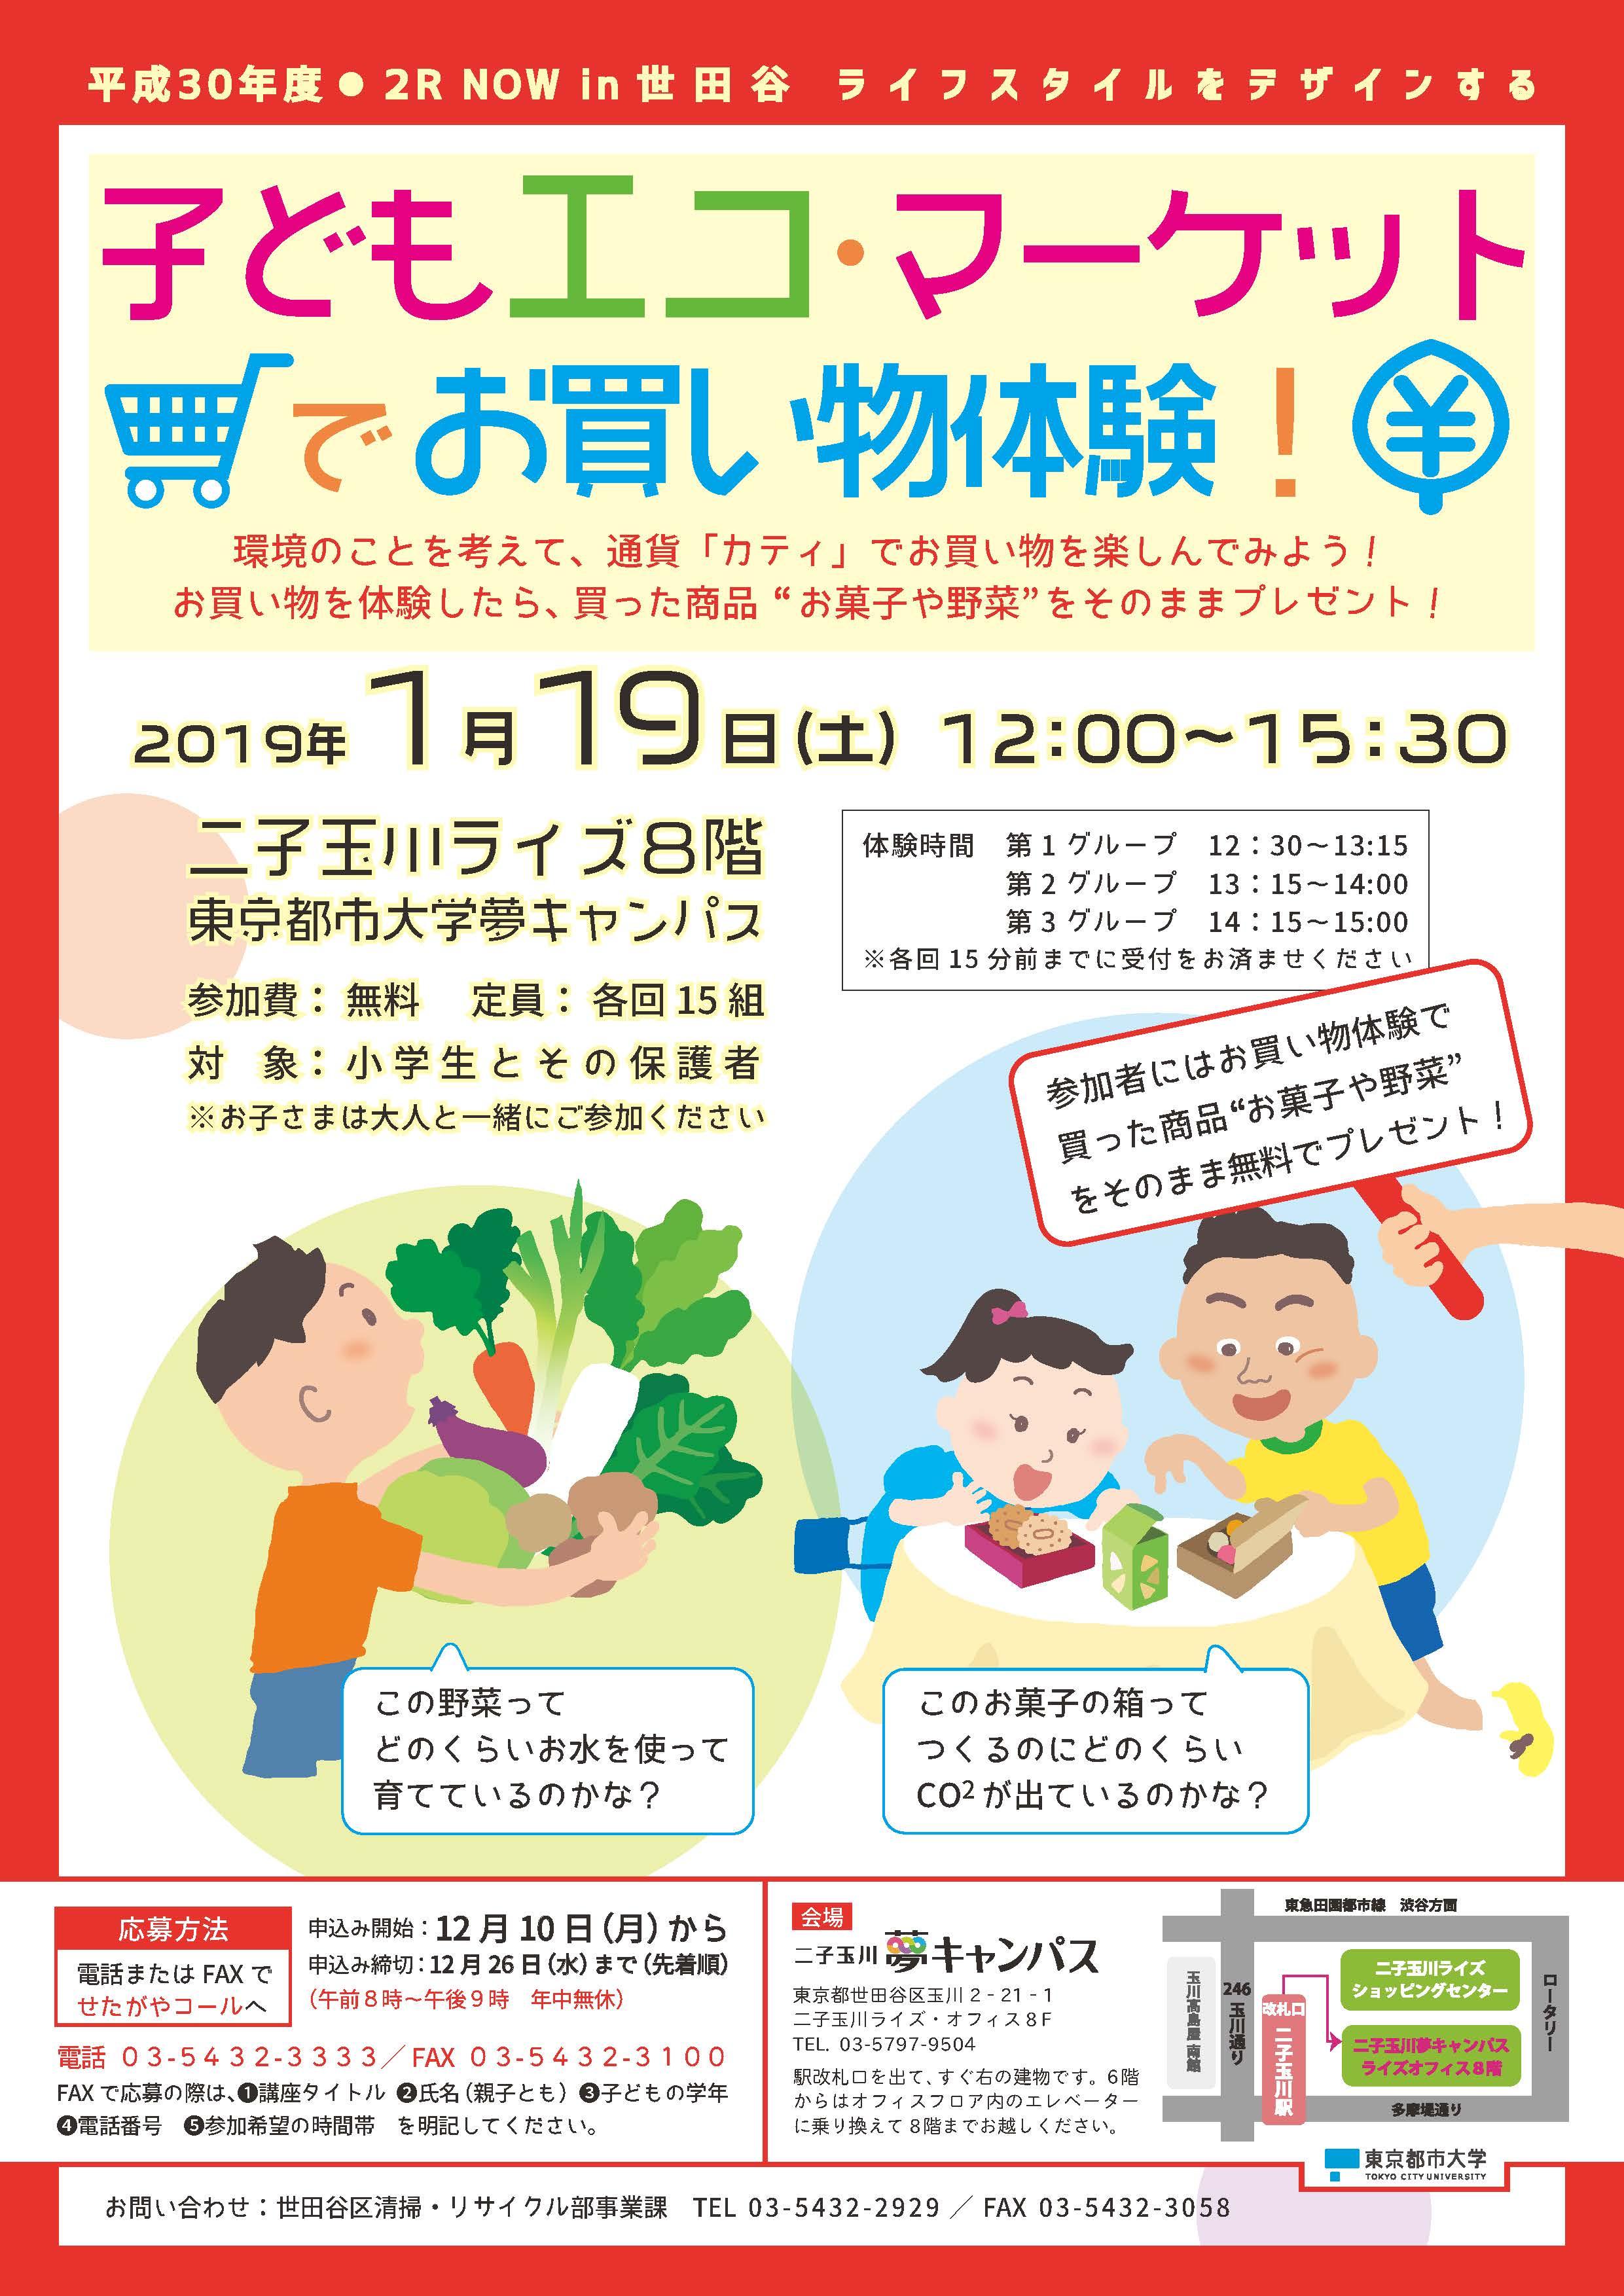 2R NOW in 世田谷 ライフスタイルをデザインする「子どもエコ・マーケットでお買い物体験!」